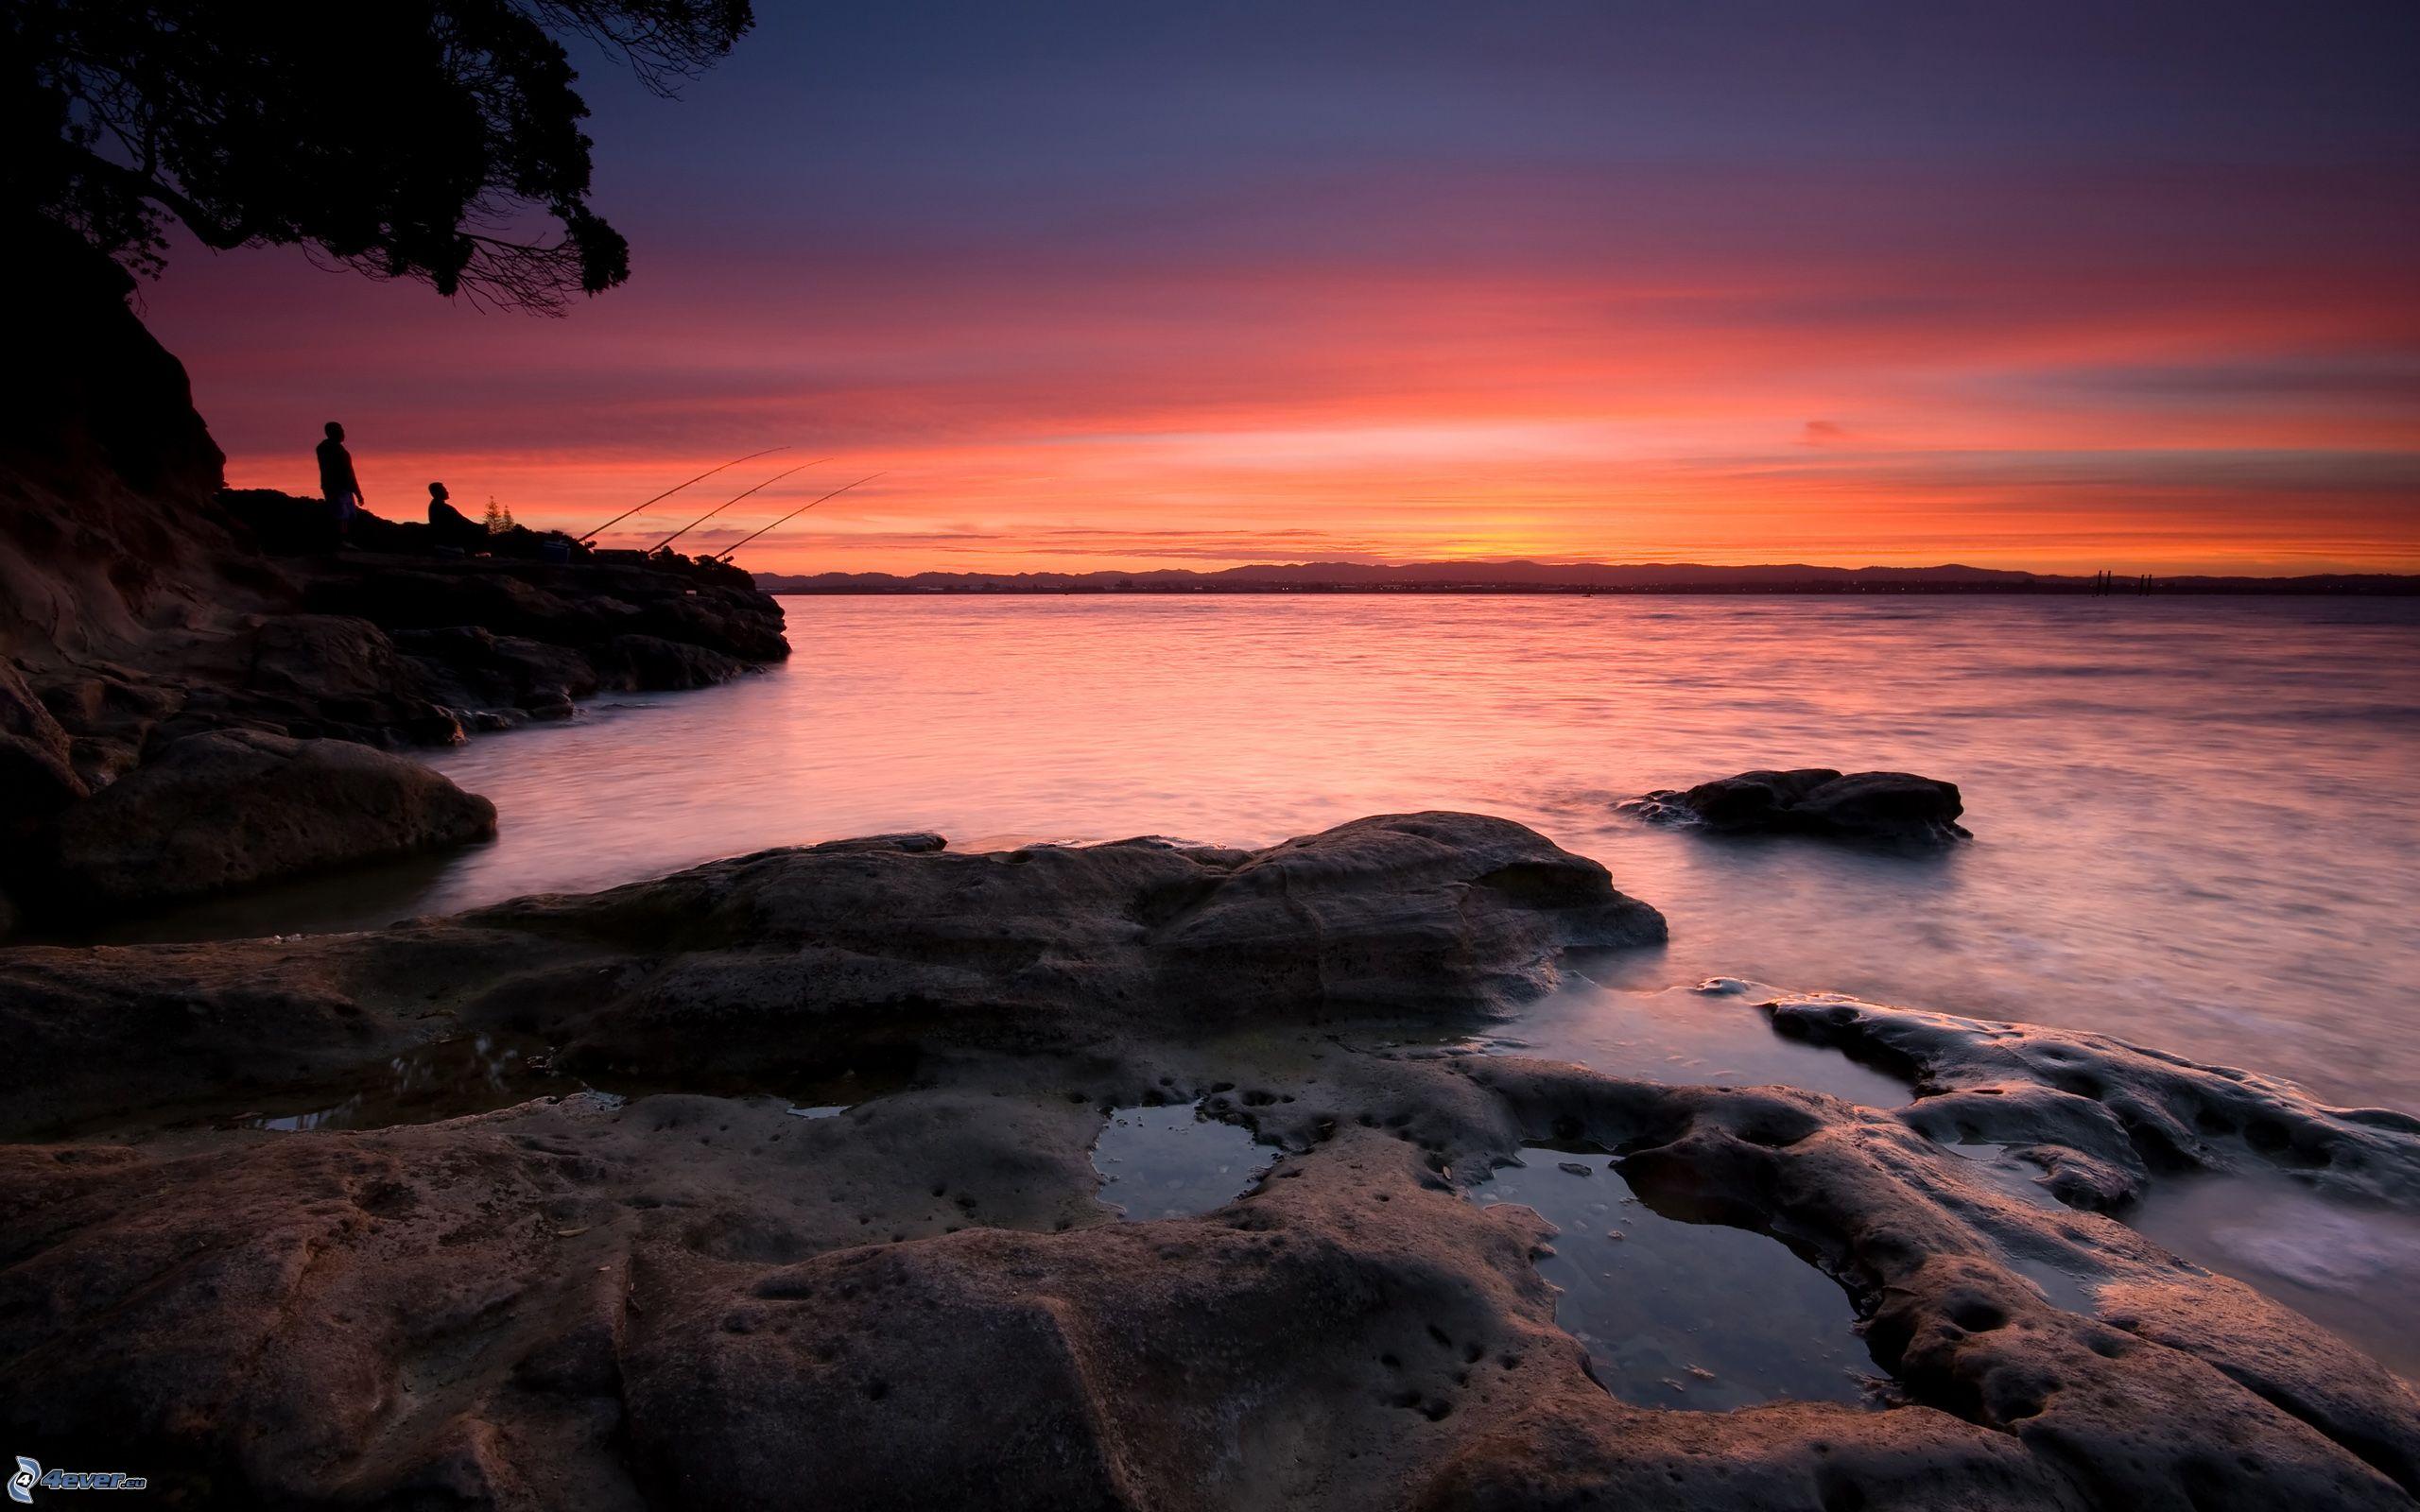 Tramonto sul mare for Sfondi desktop tramonti